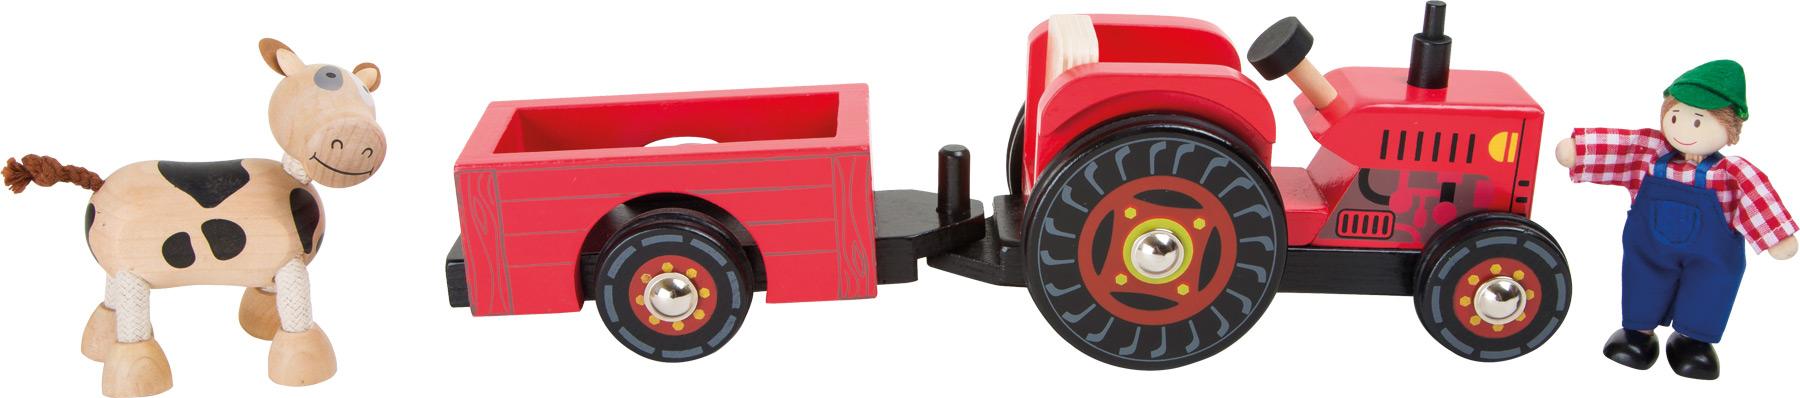 Small Foot Farmarský traktor s vlečkou